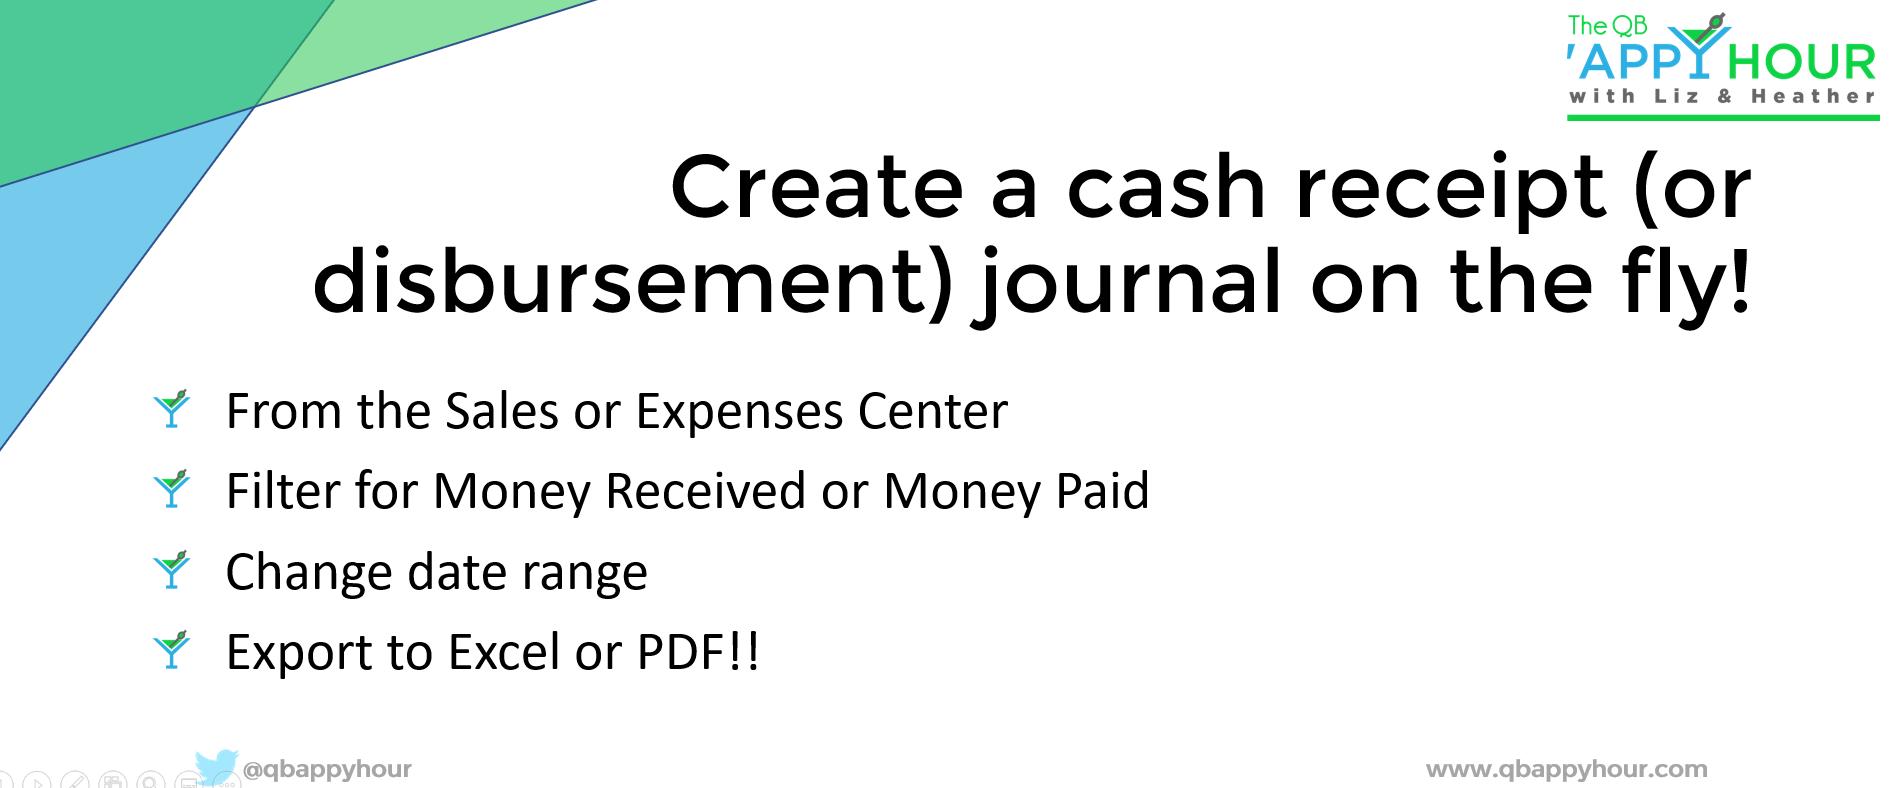 Create a cash receipt journal